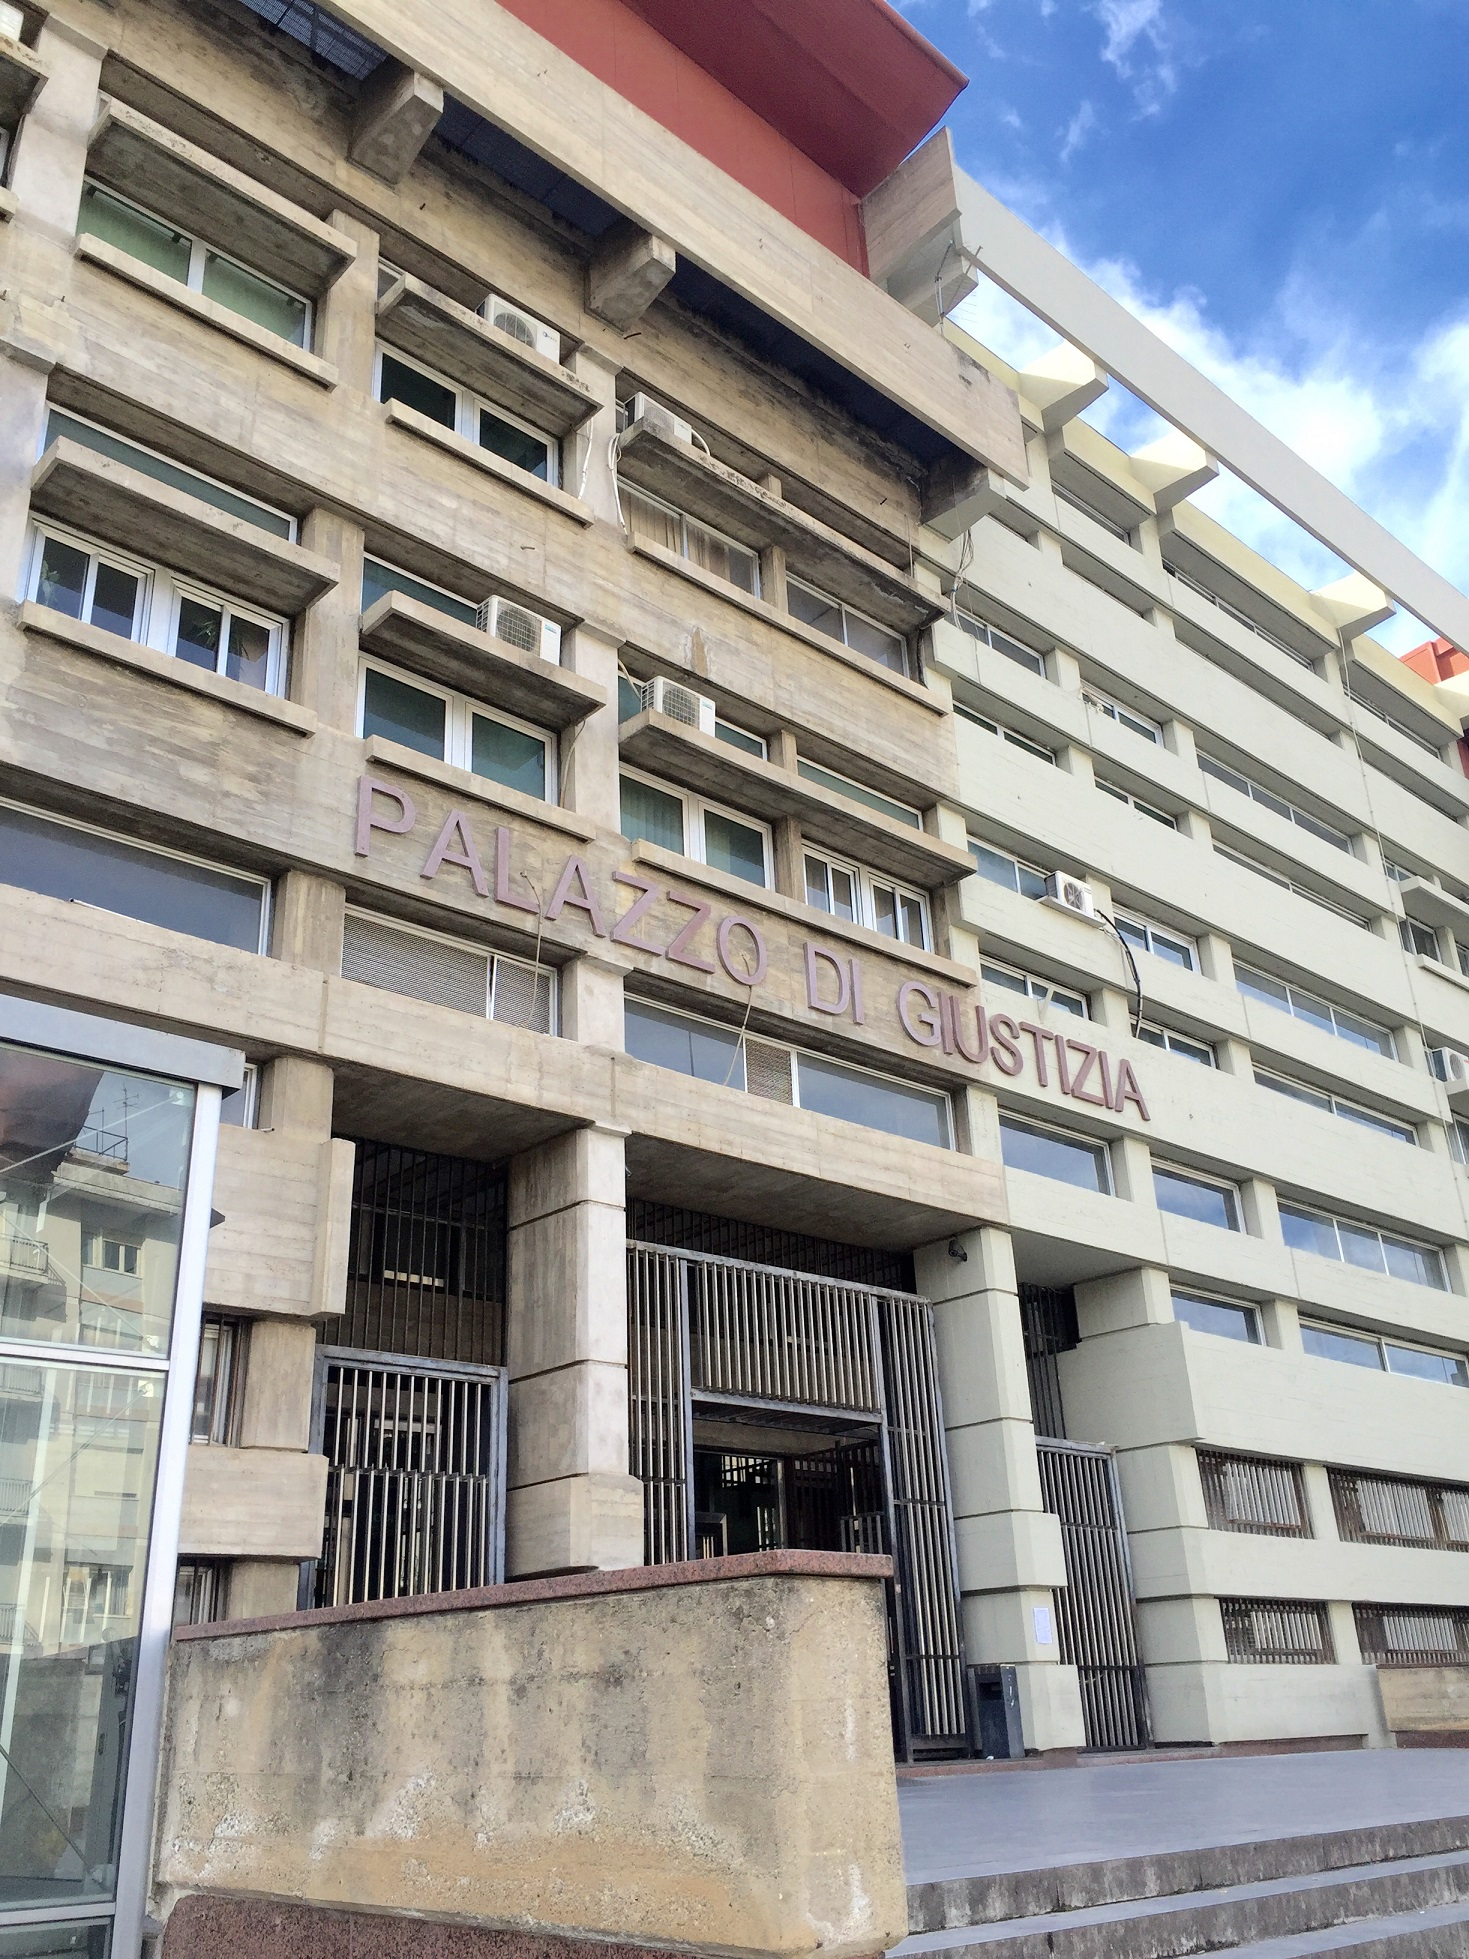 Parcelle da record al Consorzio Sibari-Crati  Ex commissario Bilotta indagato per peculato